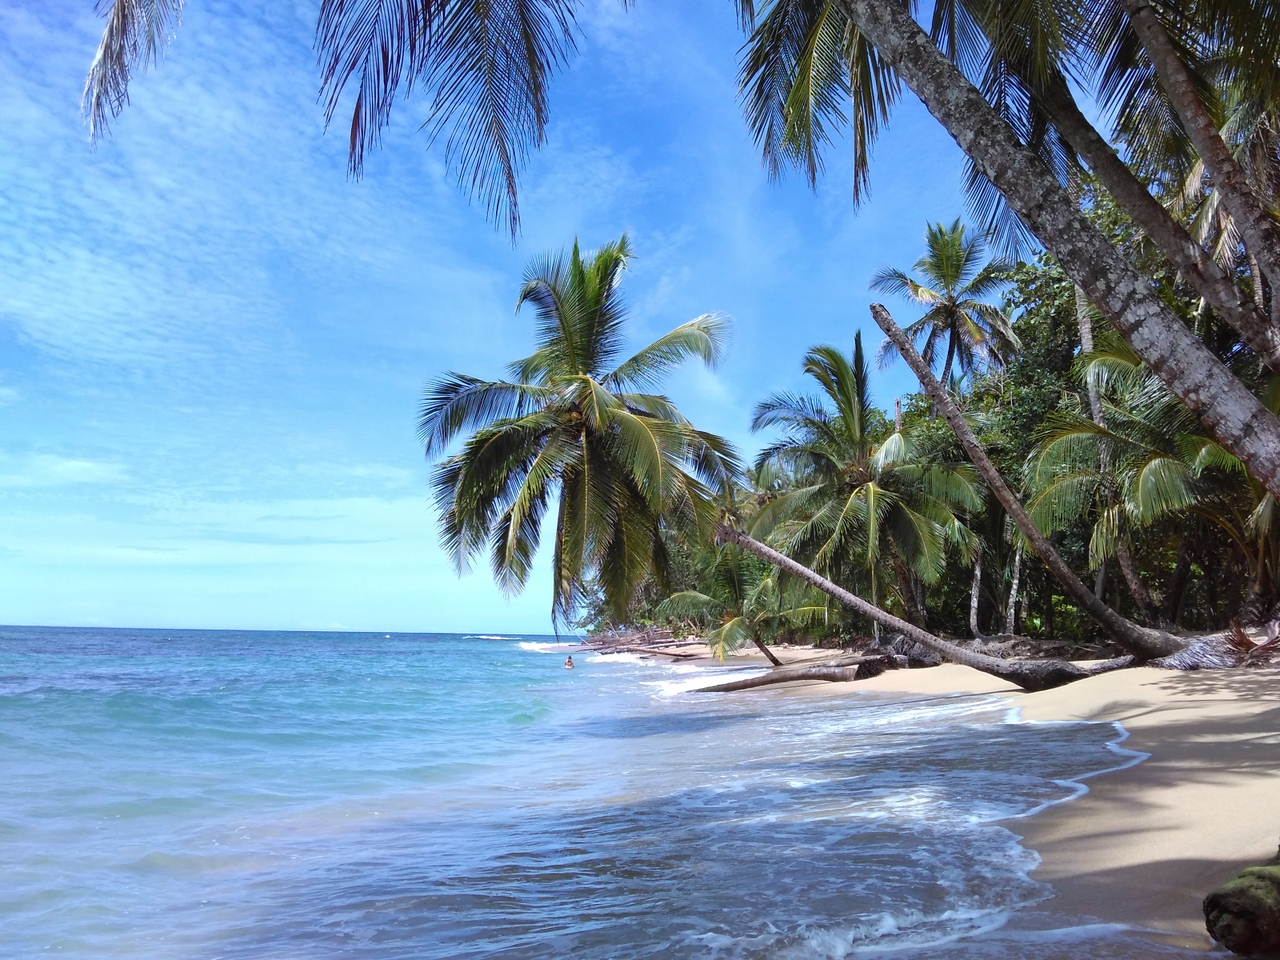 Kostarika - země padesáti odstínů zelené